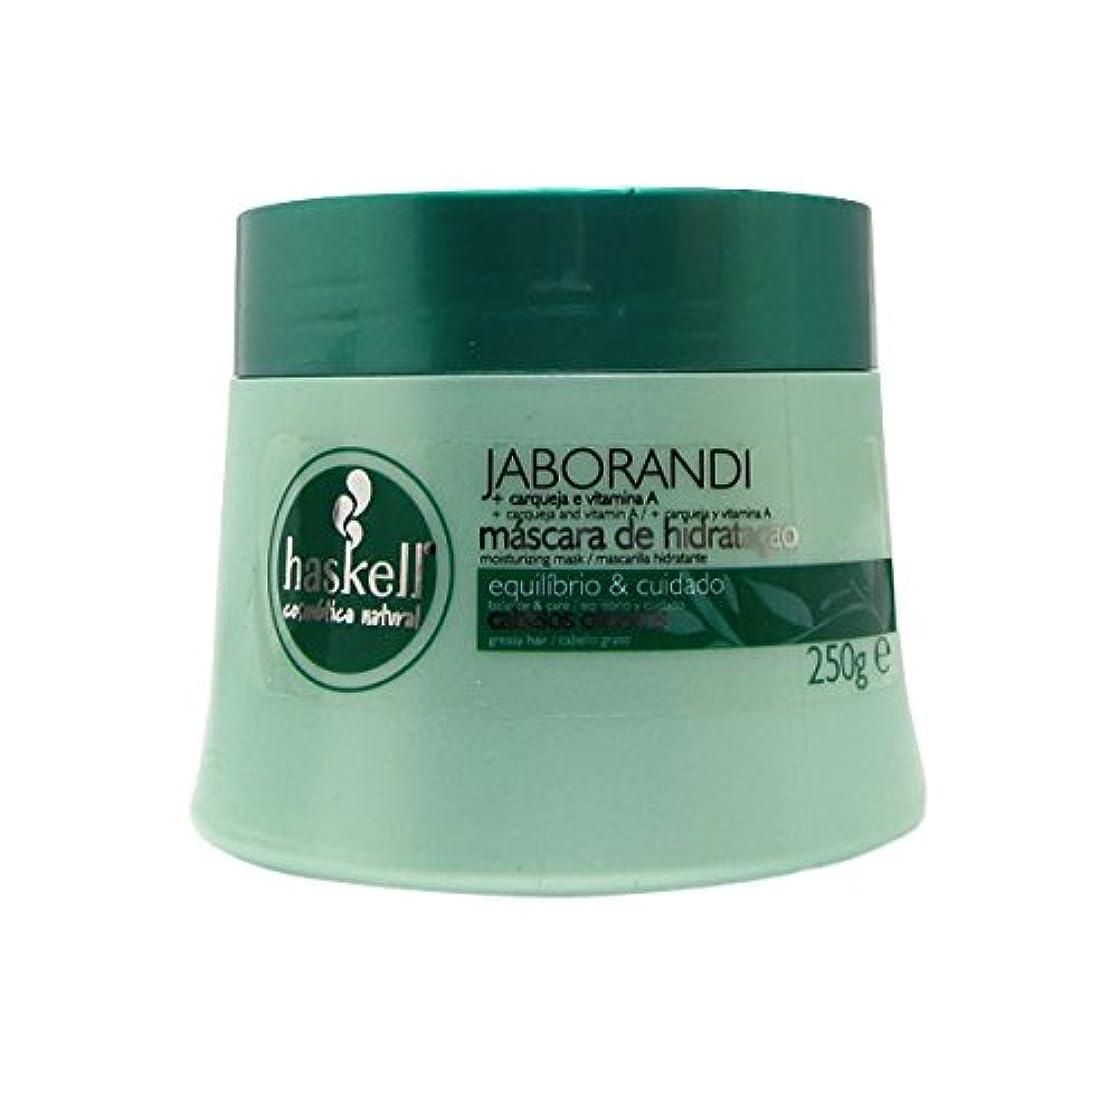 鳴り響く魂抽象化Haskell Jaborandi Hair Mask 250g [並行輸入品]